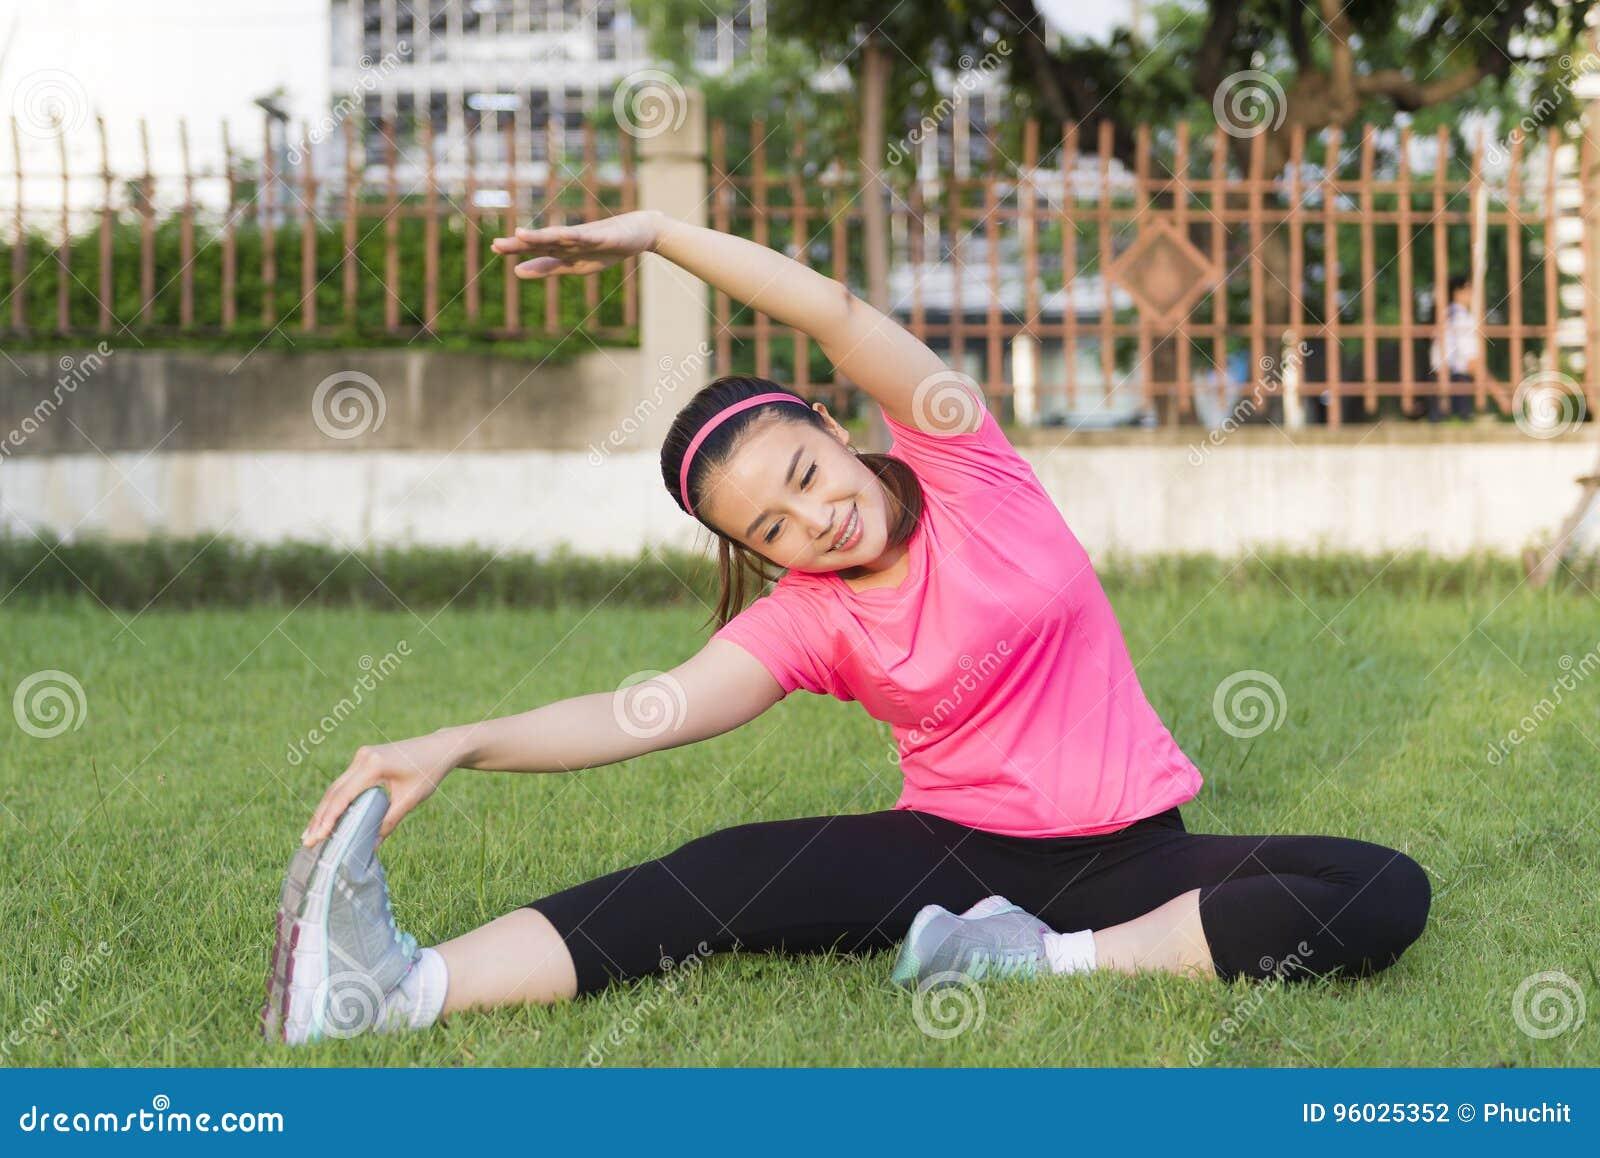 Ładne kobiety rozciąga przed ćwiczeniem